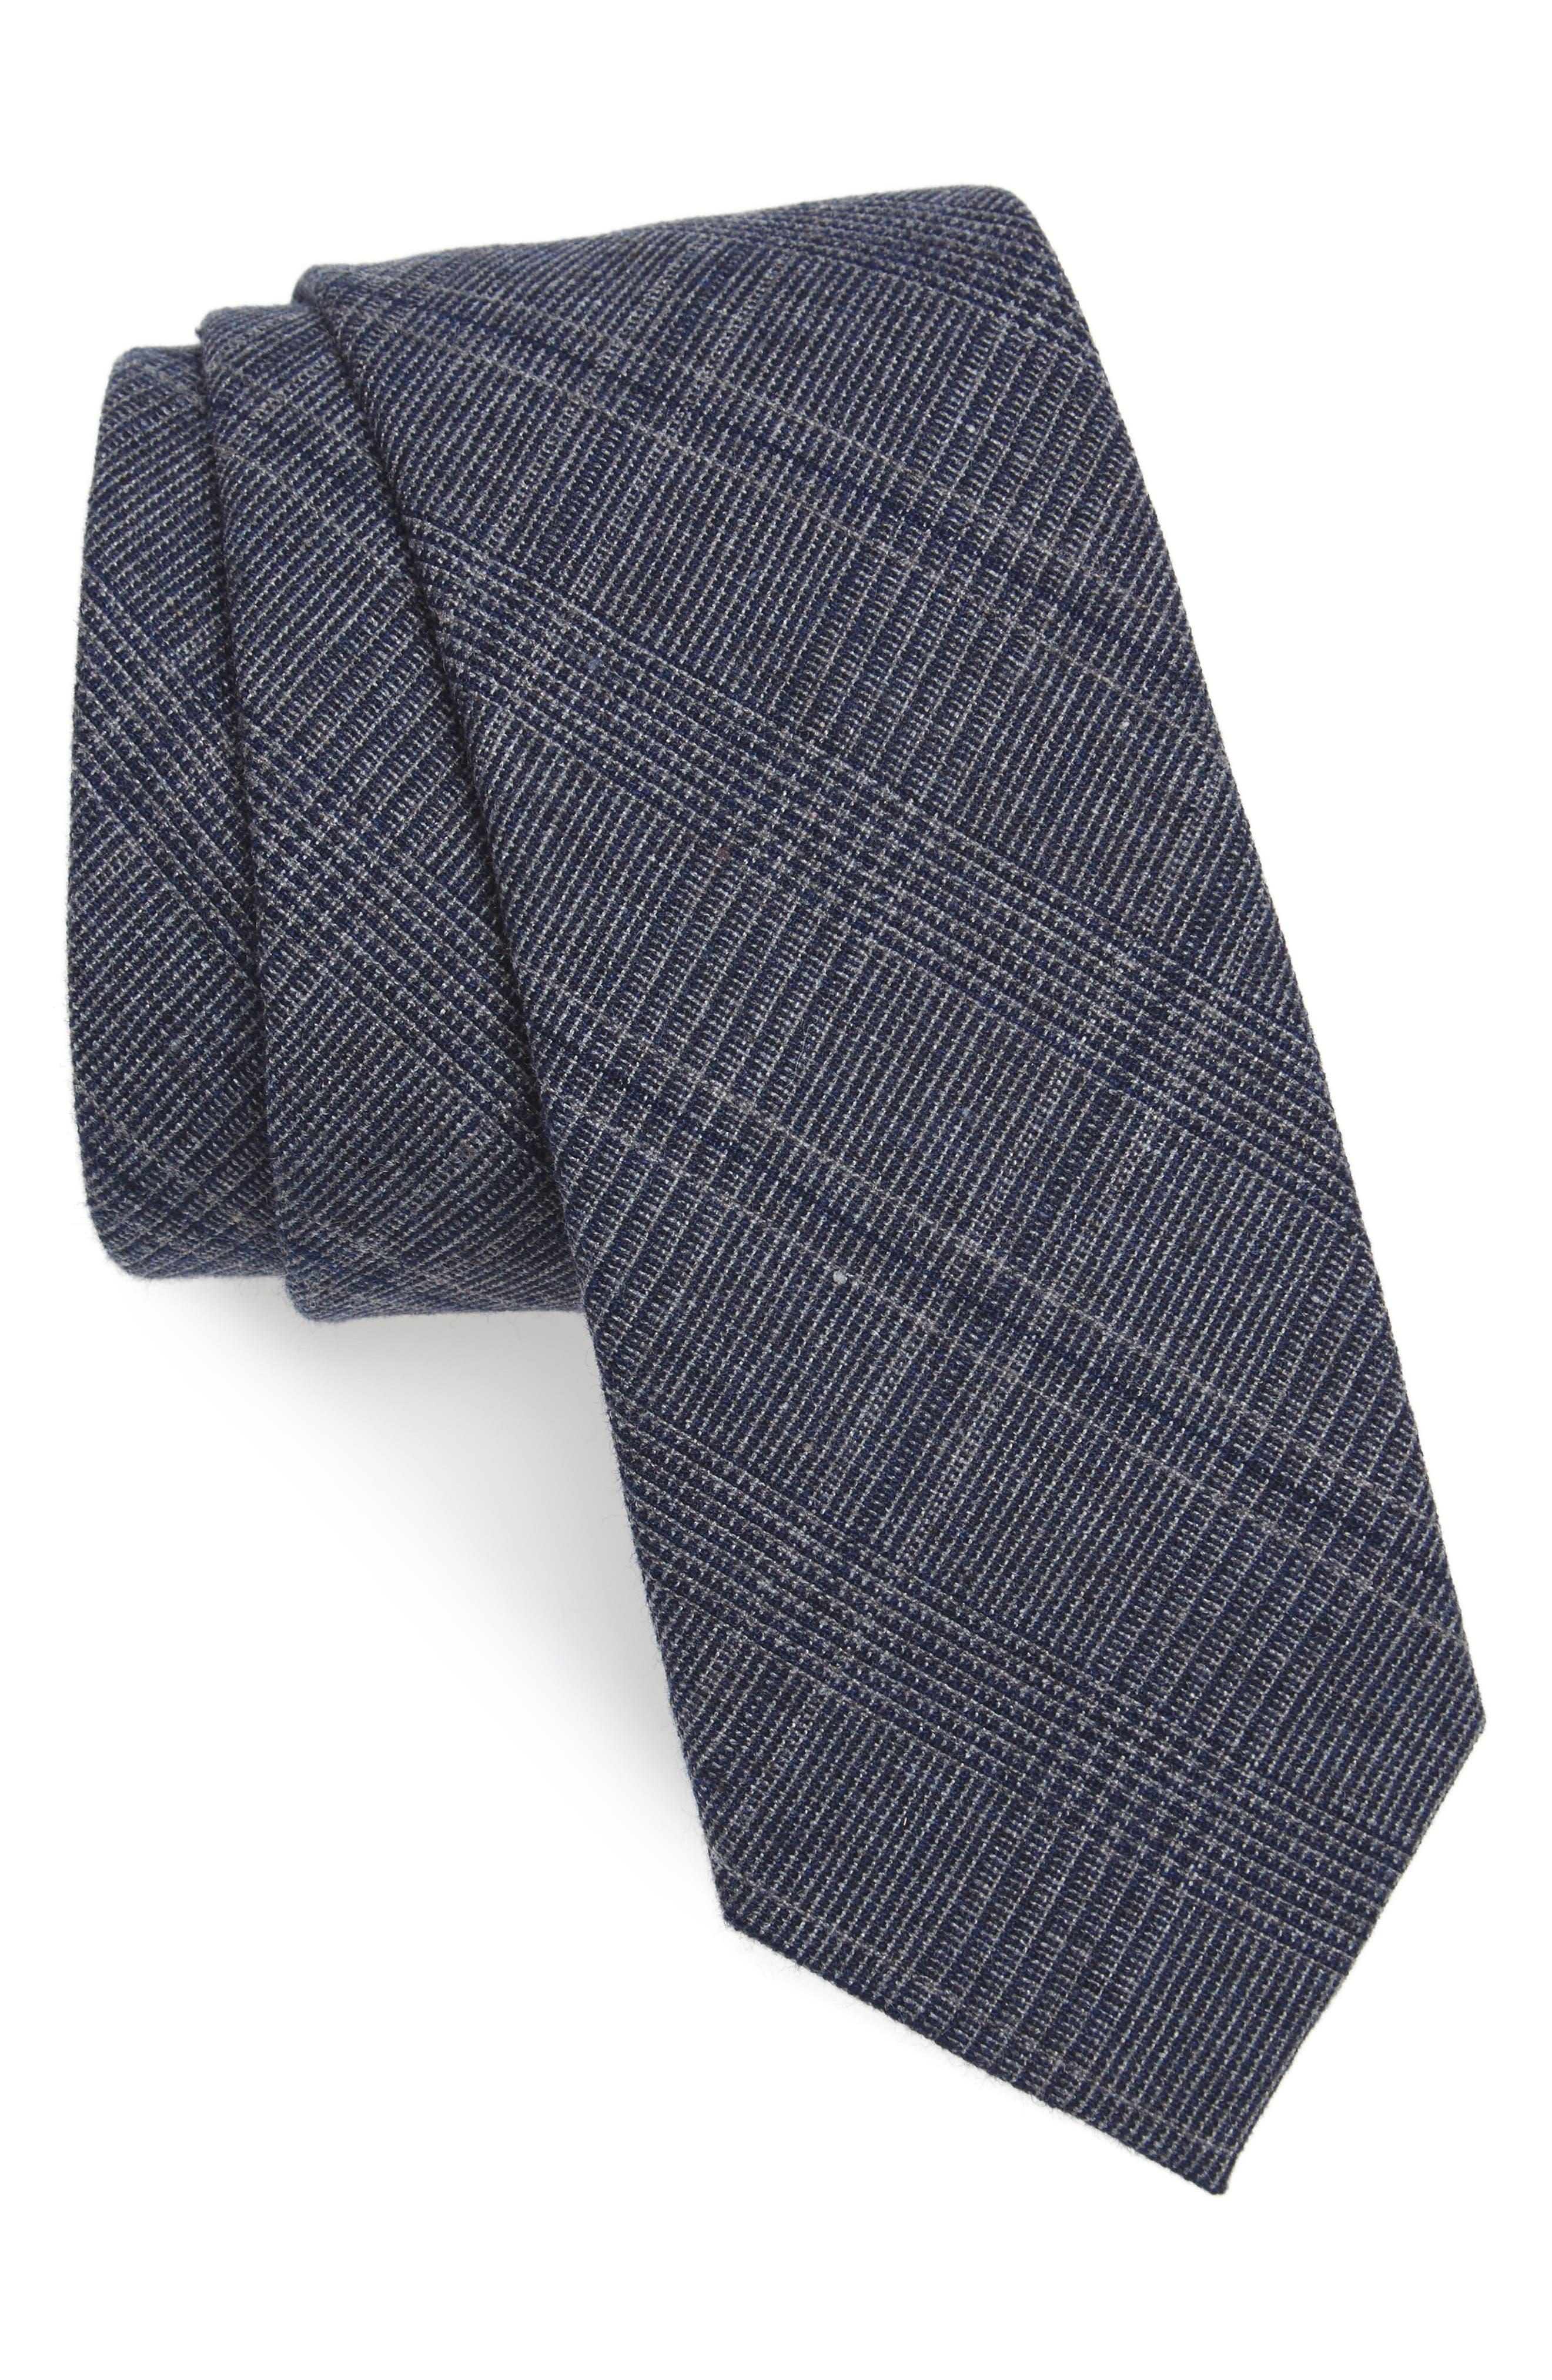 Alternate Image 1 Selected - Nordstrom Men's Shop Cobble Plaid Cotton & Linen Tie